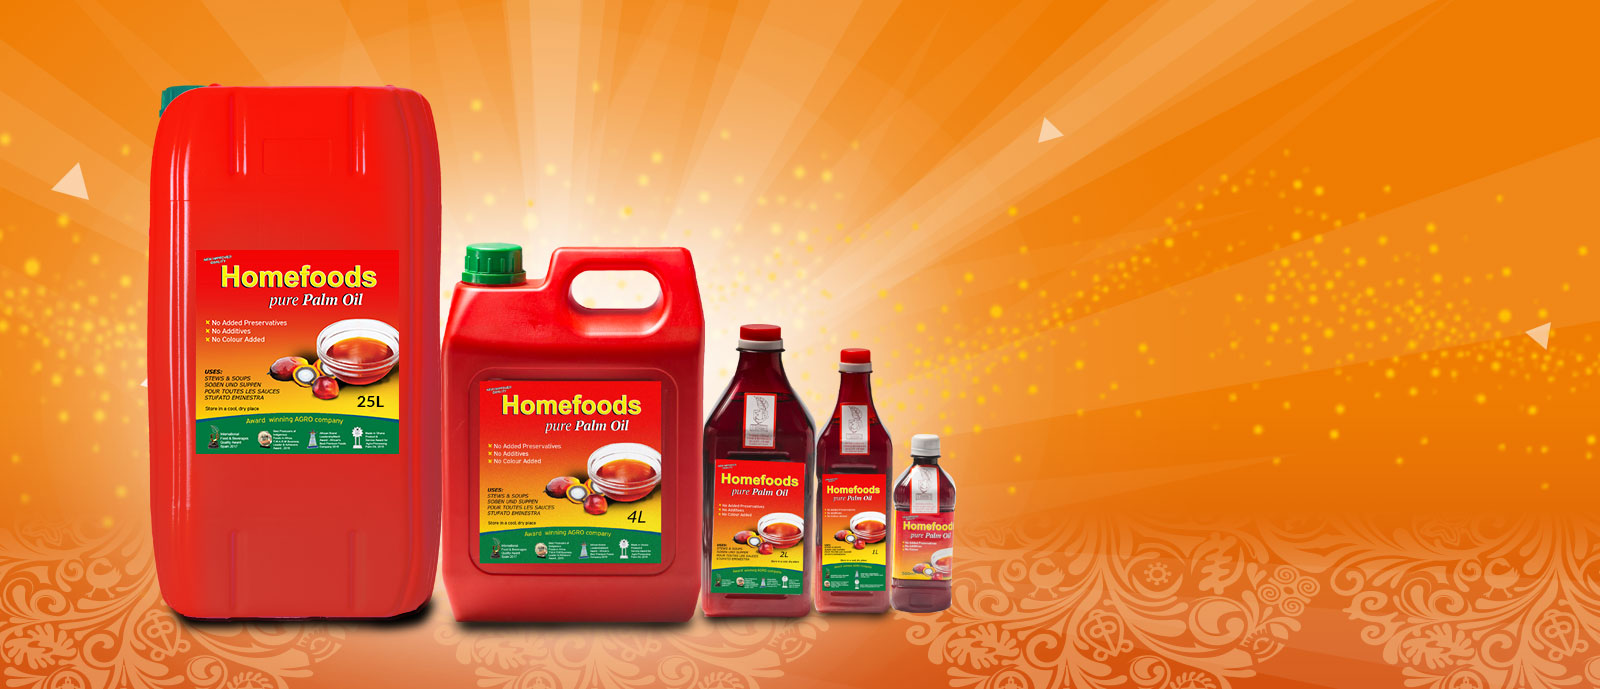 Home - Homefoods - the food ingredients people